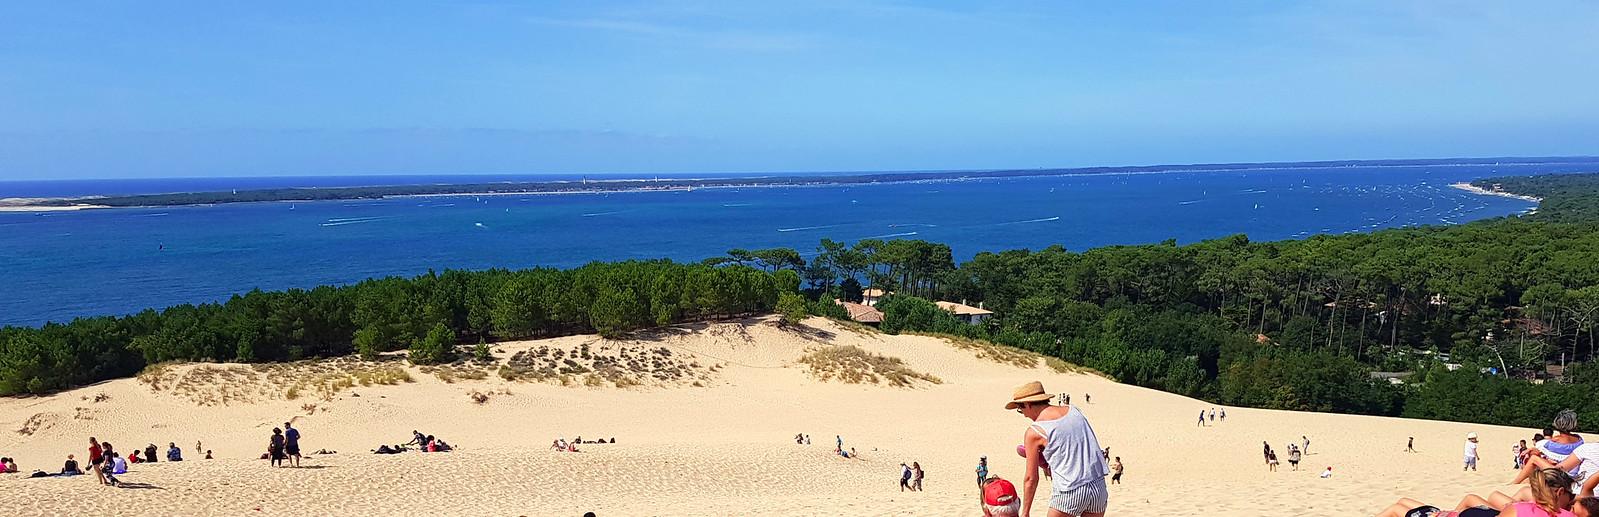 Dune du Pilat Francia Burdeos dune du pilat - 44217263080 3d0b2f8c62 h - Dune du Pilat, la duna de arena más alta de Europa